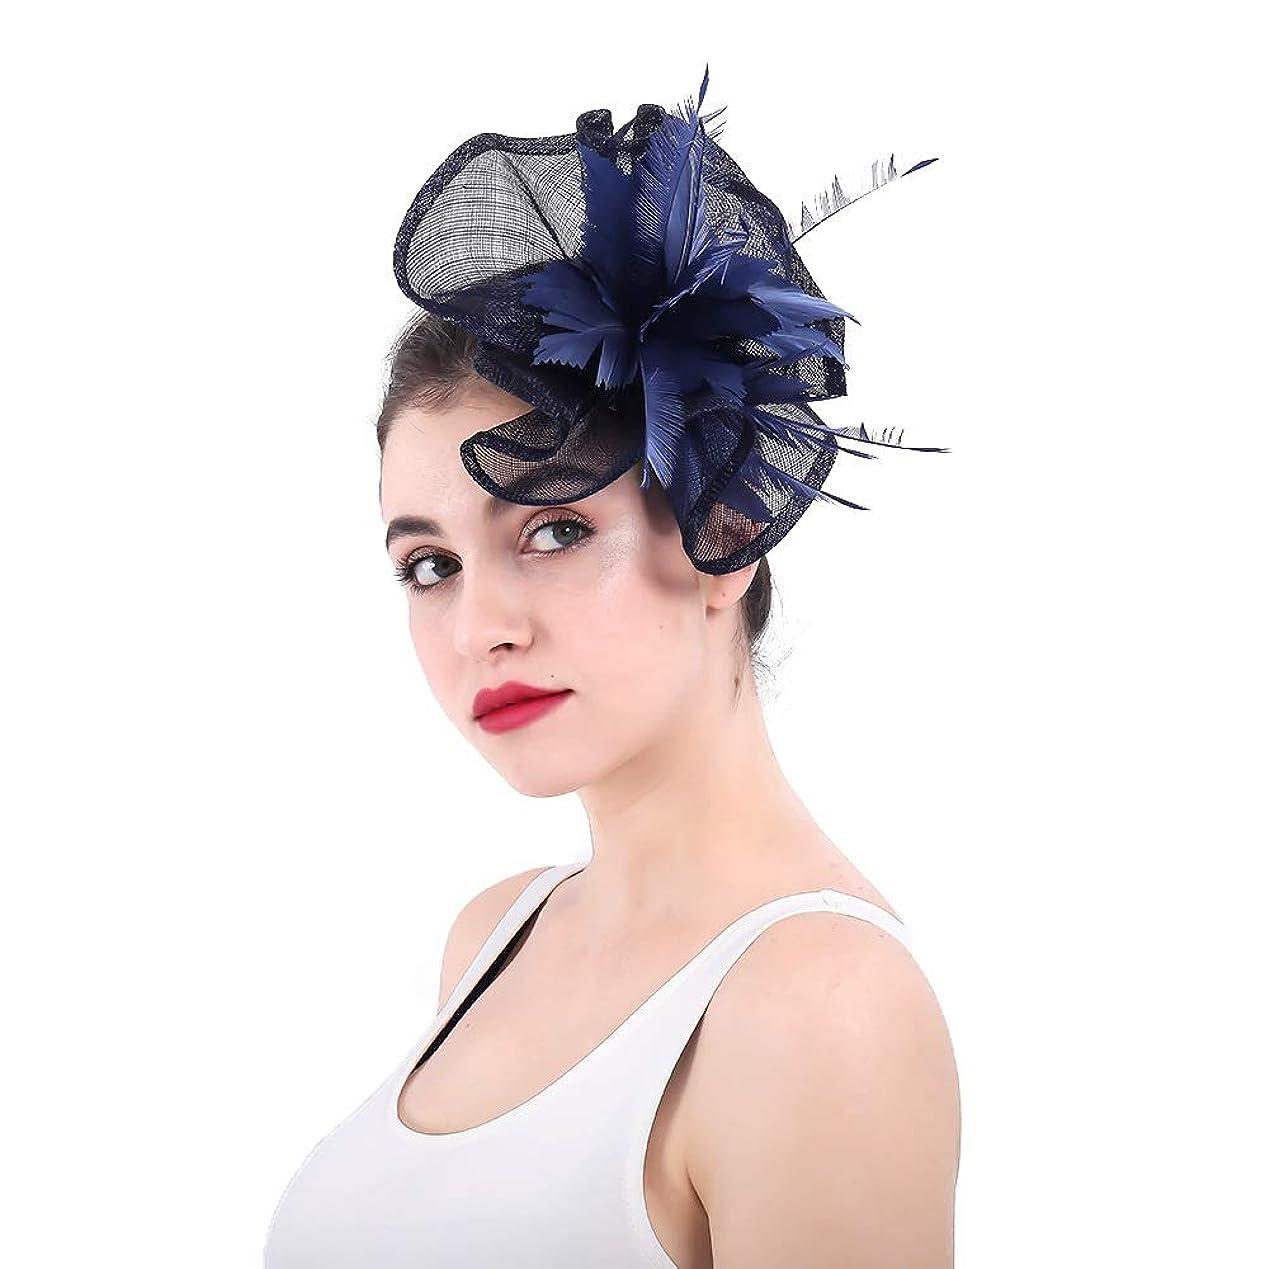 免除する追放太い女性の魅力的な帽子 ネイビーフェザーカチューシャアリスバンド帽子魅惑的な結婚式の女性の日コンペティションロイヤルアスコットカクテルティーパーティー